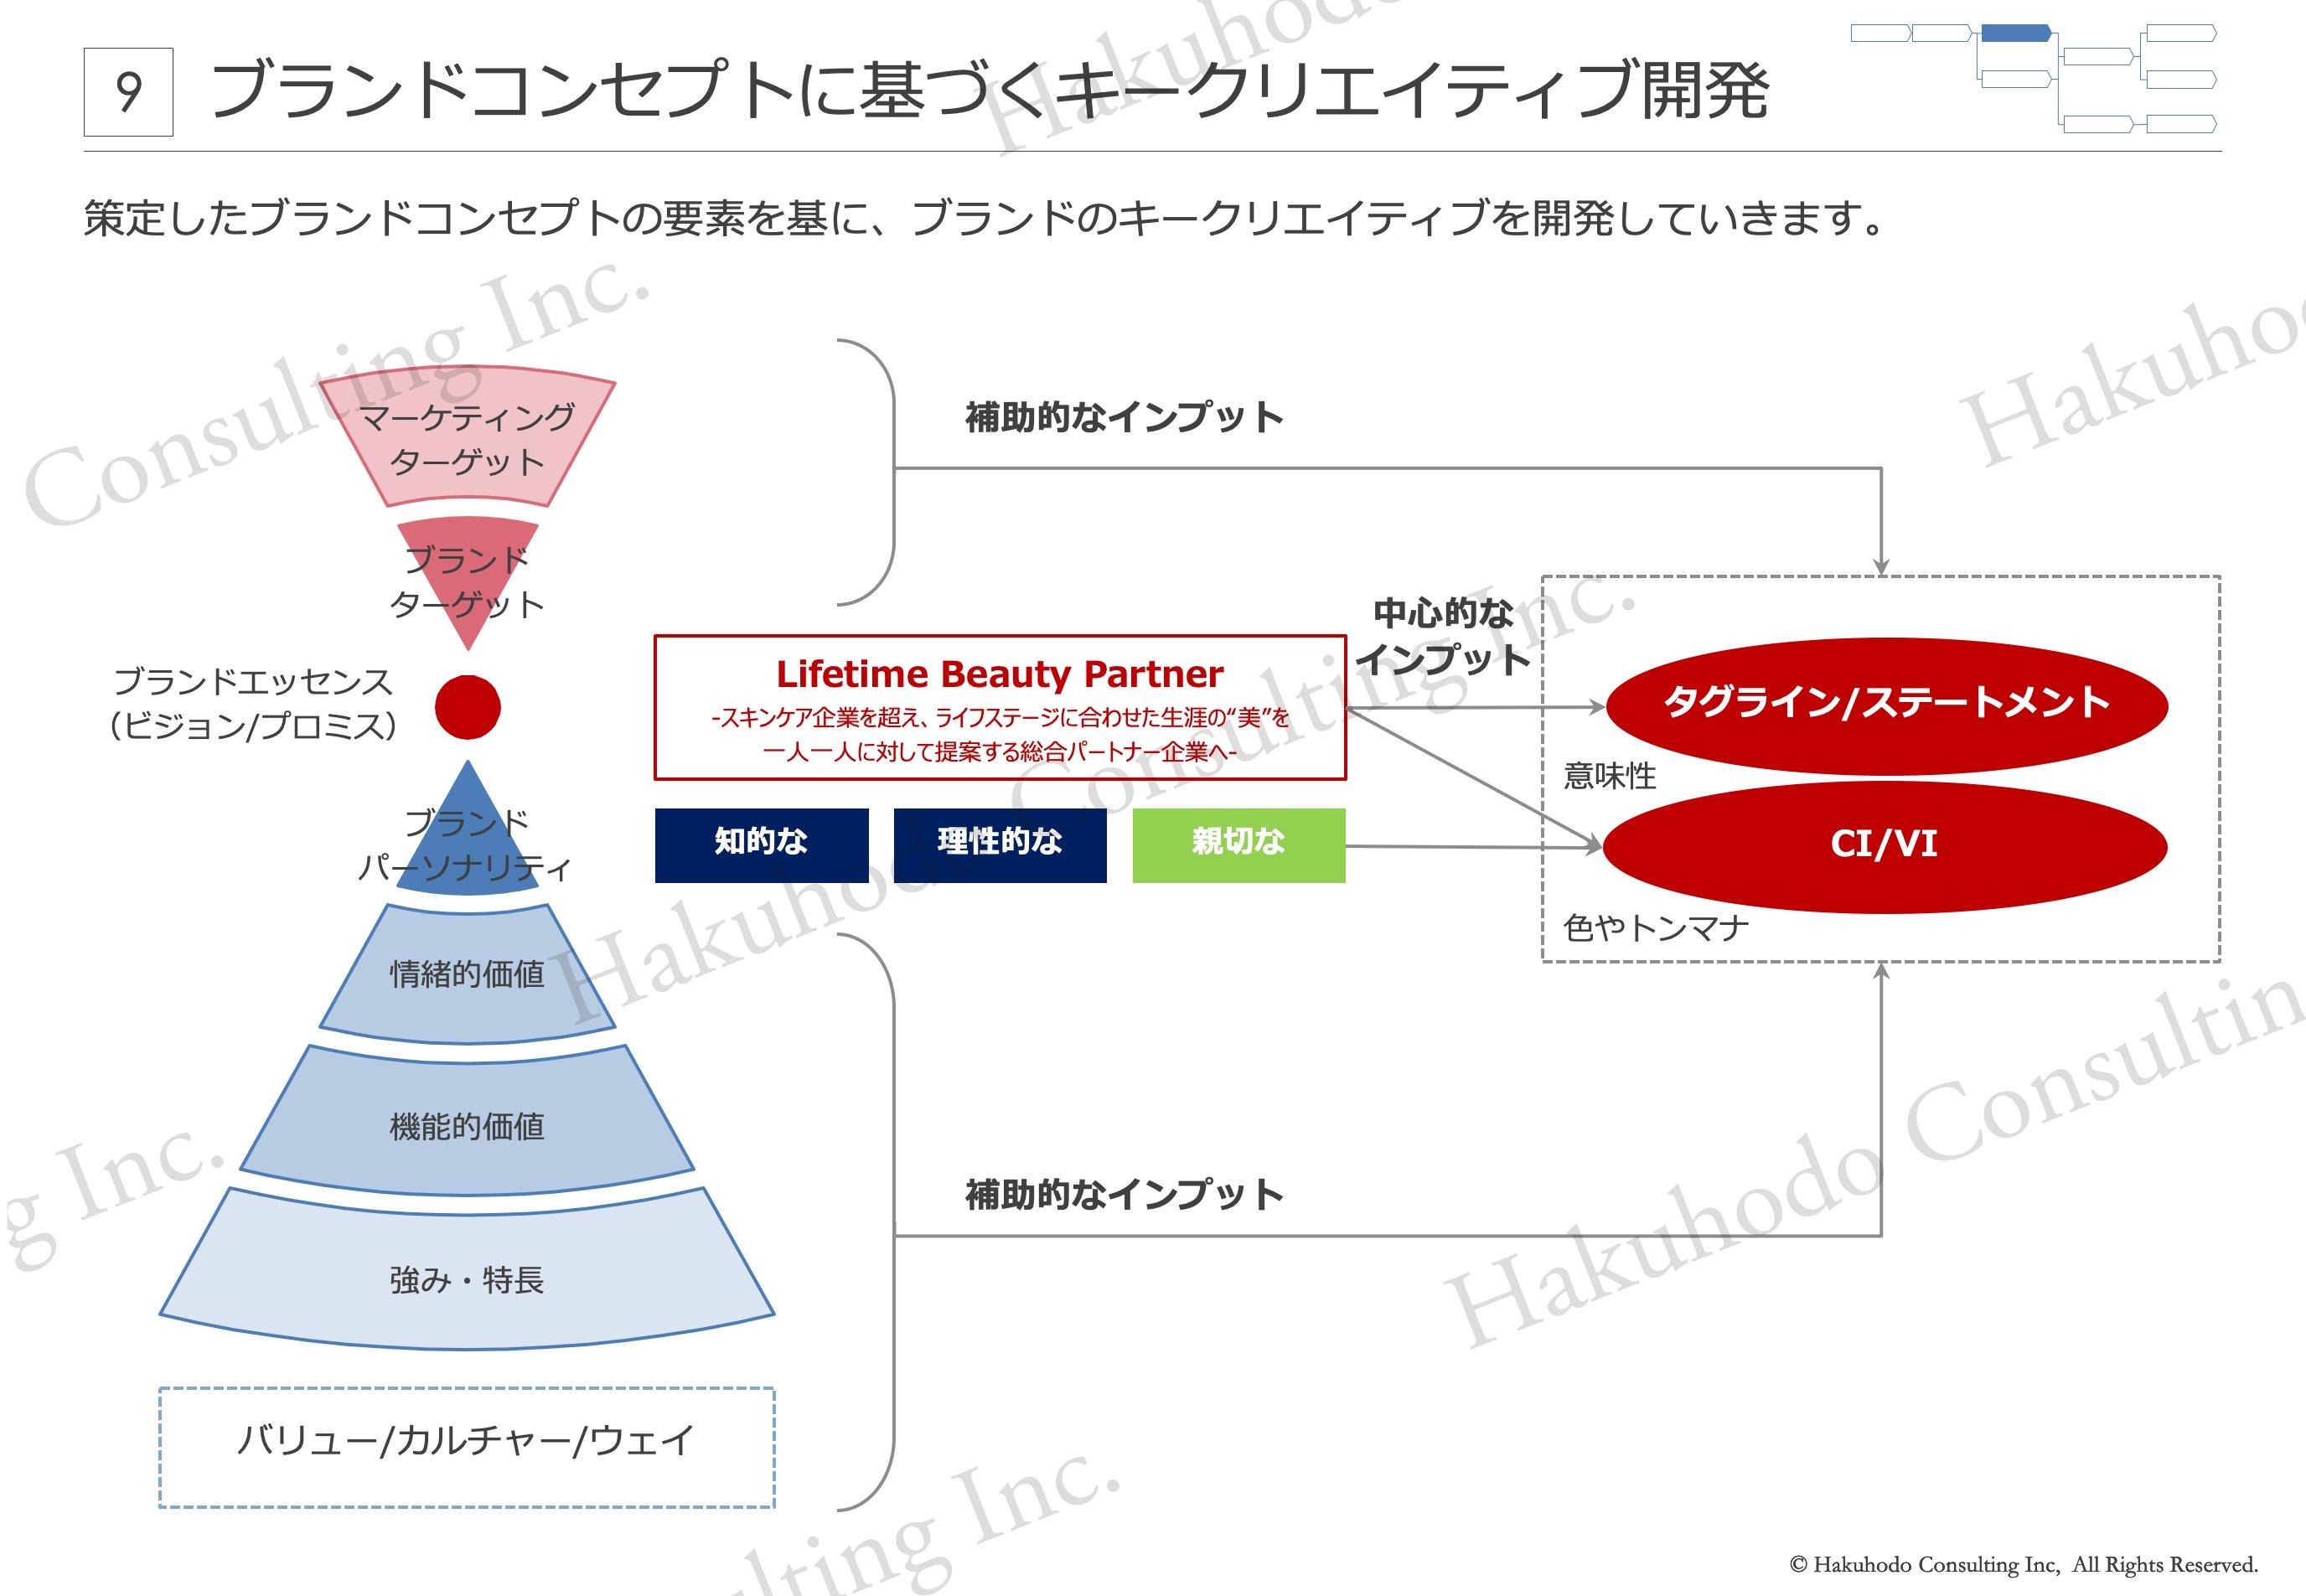 ブランドコンセプトに基づくキークリエイティブ開発策定したブランドコンセプトの要素を基に、ブランドのキークリエイティブを開発していきます。